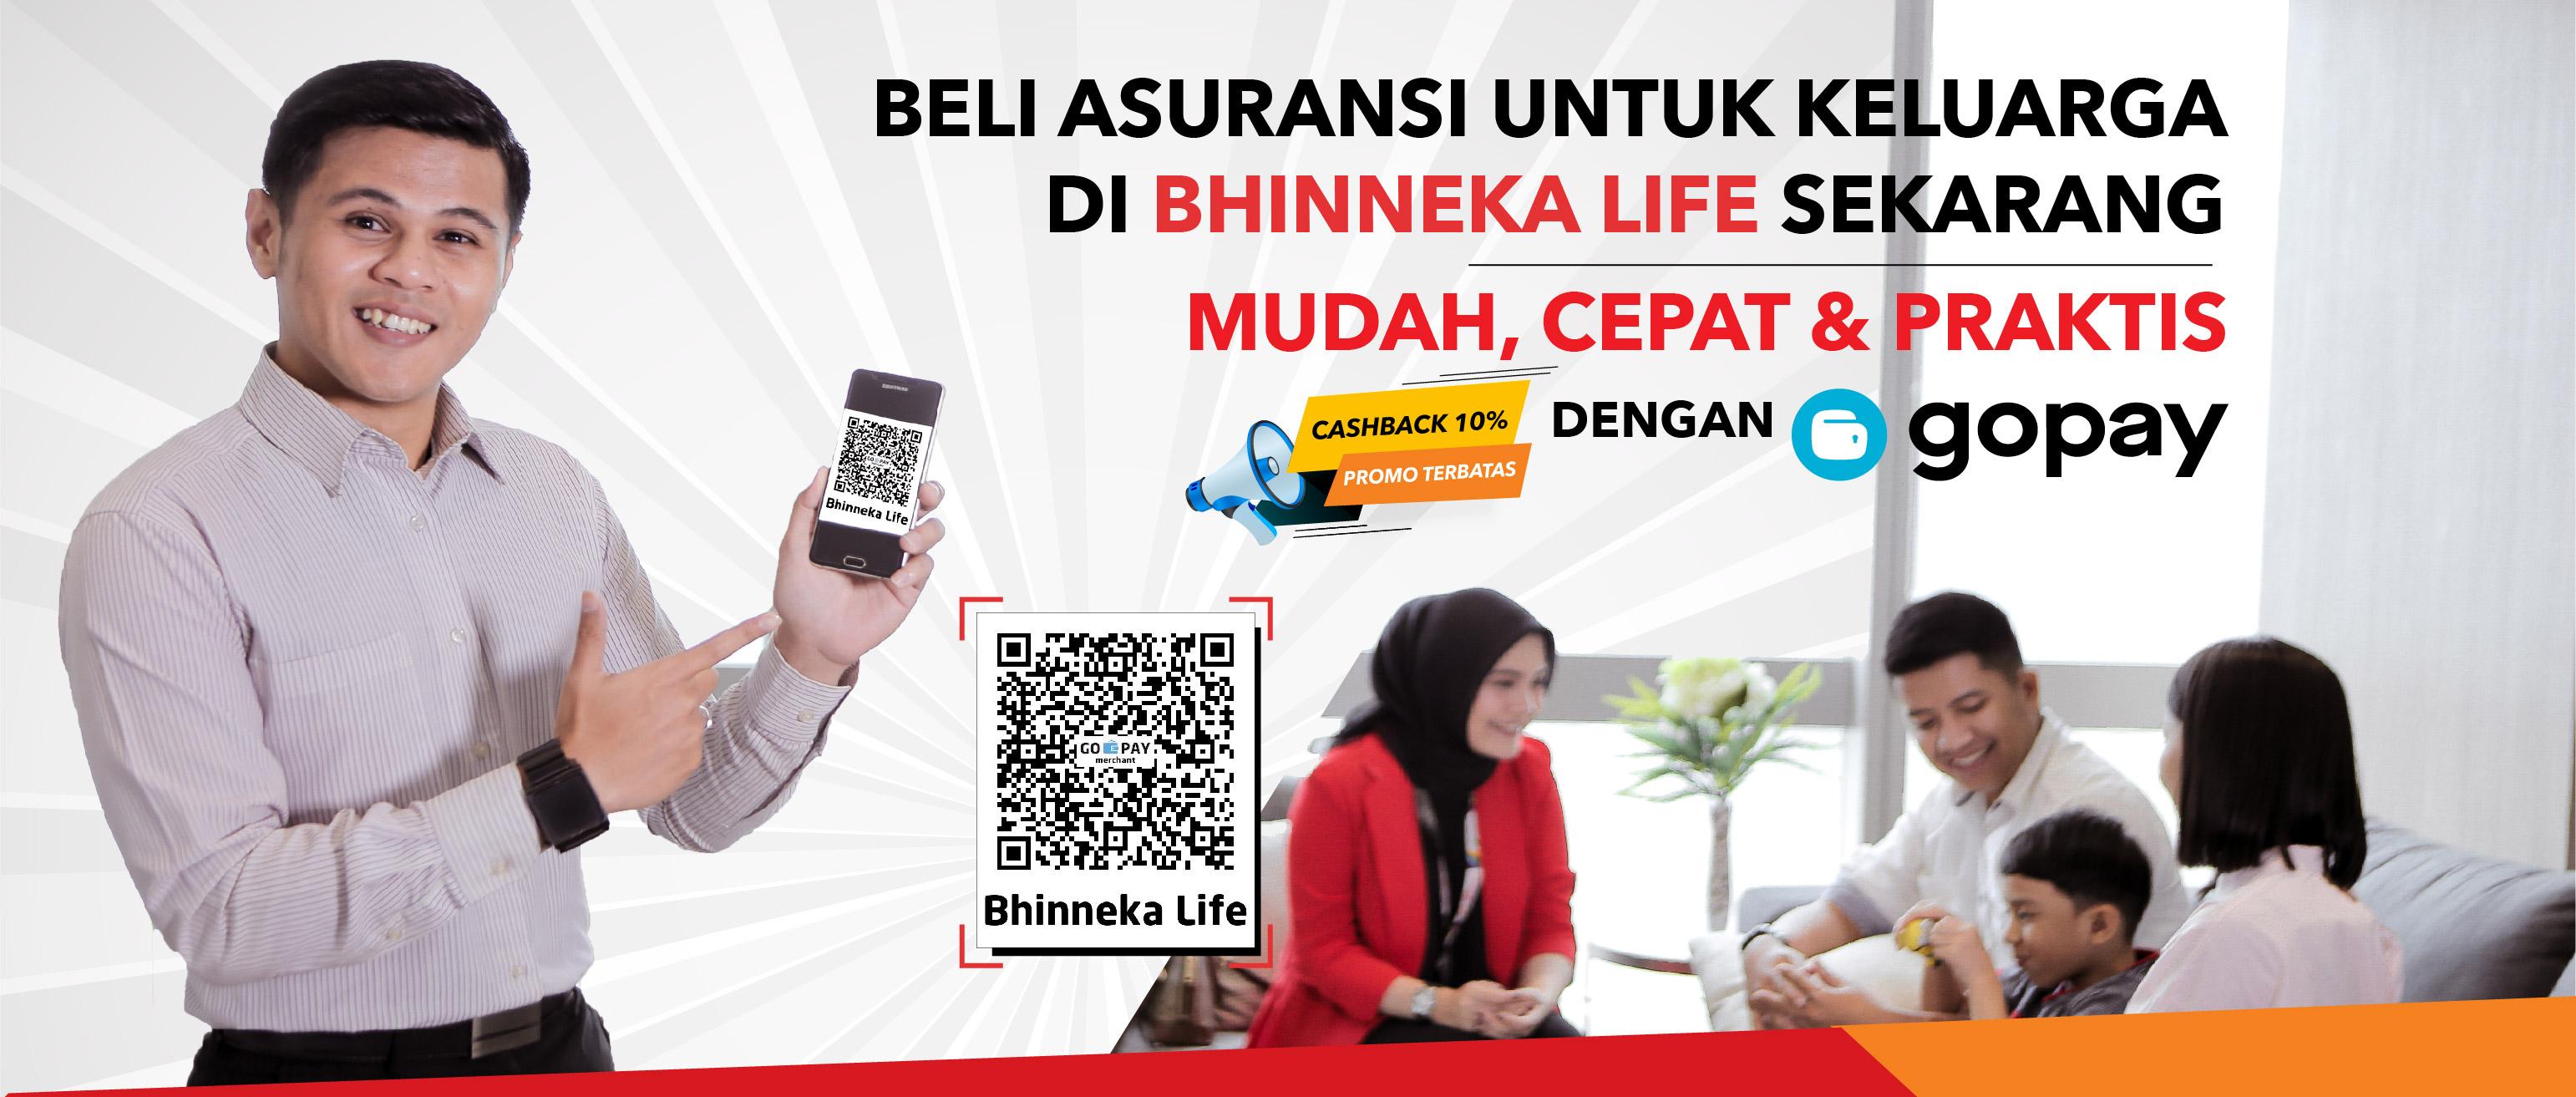 Bhinneka Life Banner